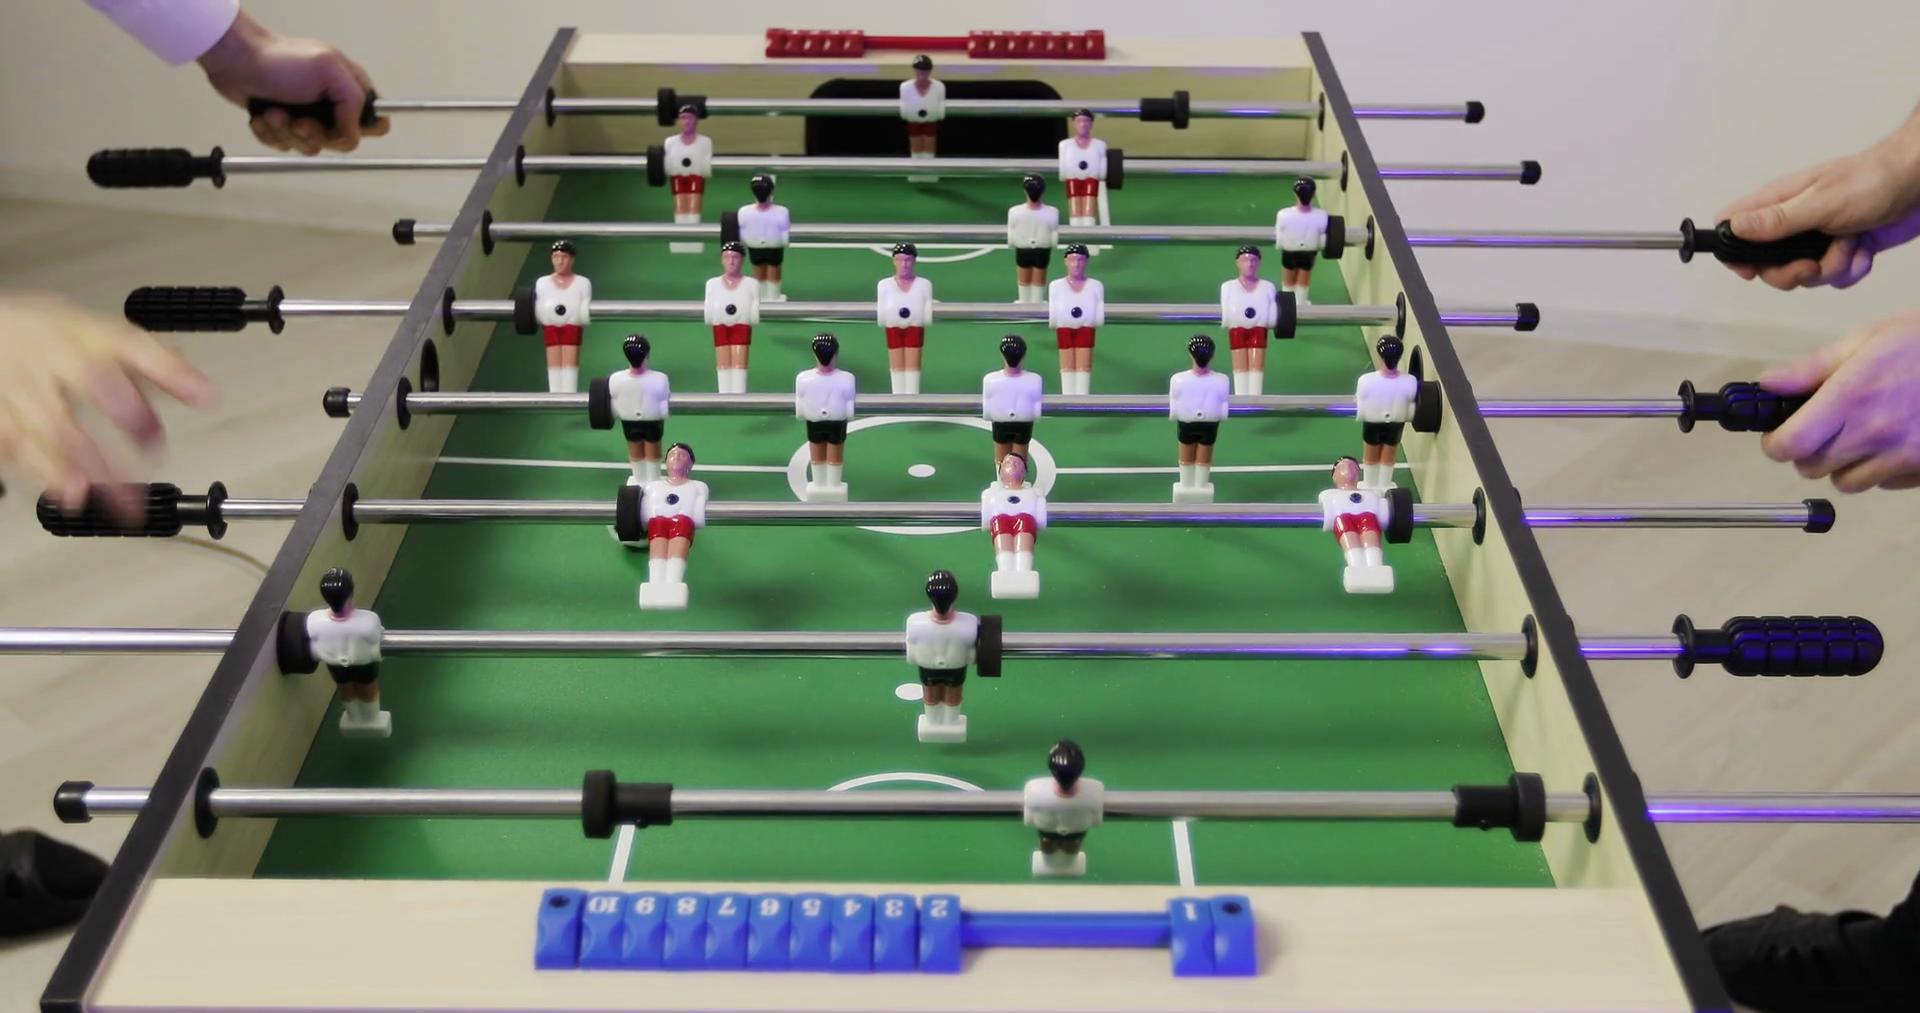 Turnir u stolnom fudbalu: Mini fudbal (turnir za dječake s malim golovima)